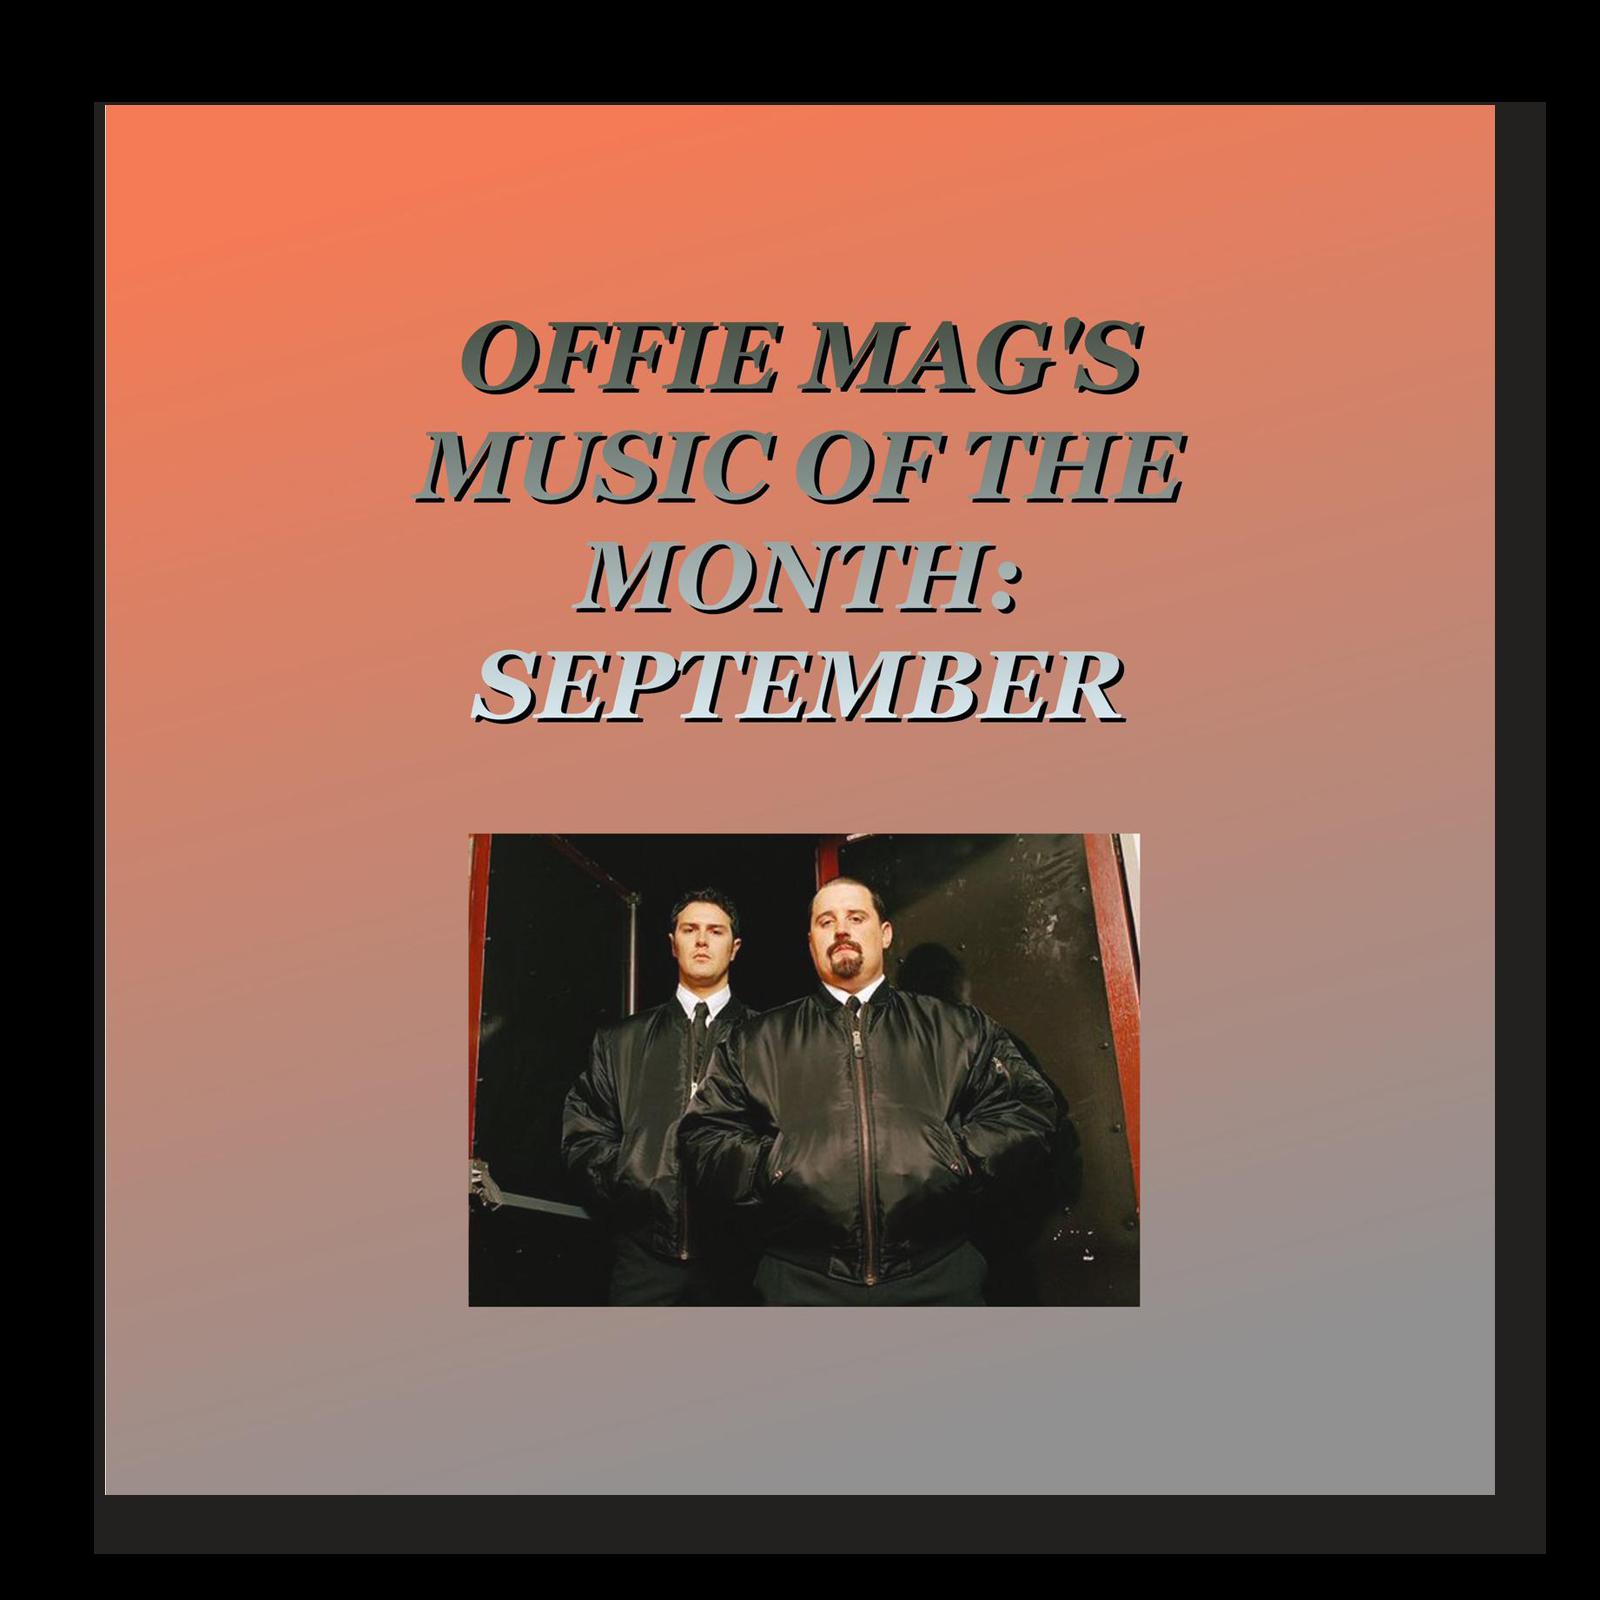 Offie Mag playlist